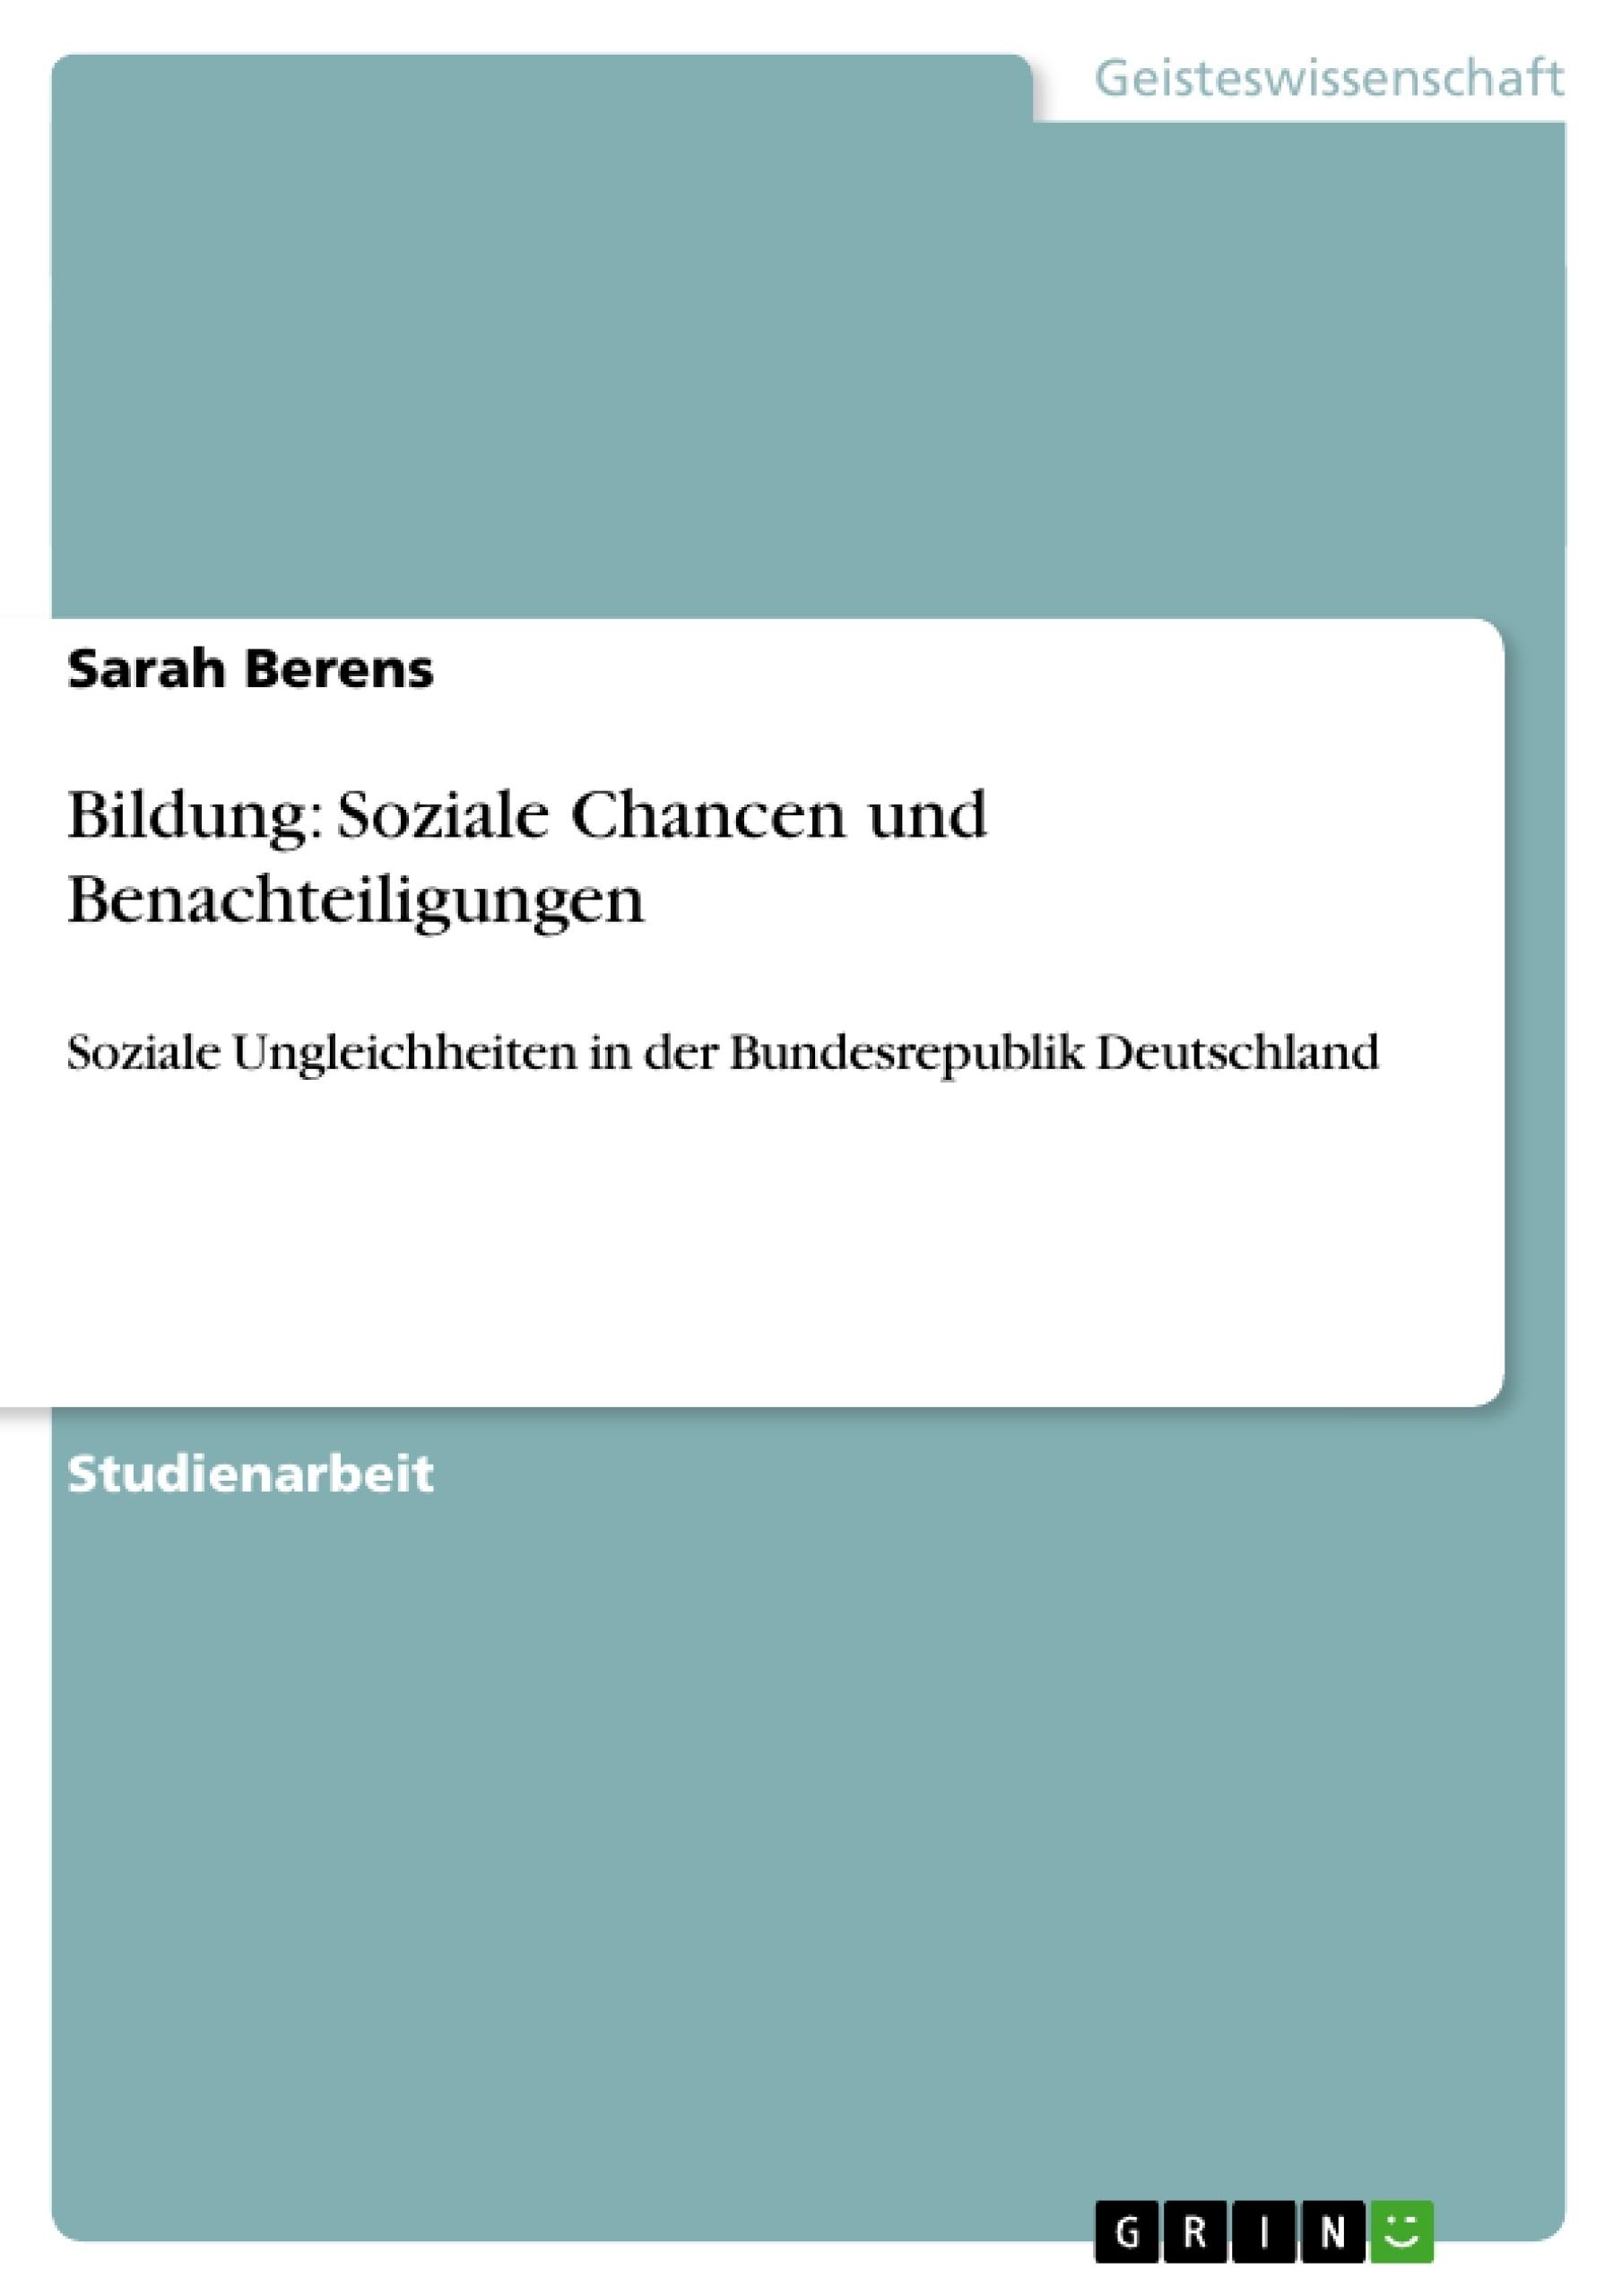 Titel: Bildung: Soziale Chancen und Benachteiligungen